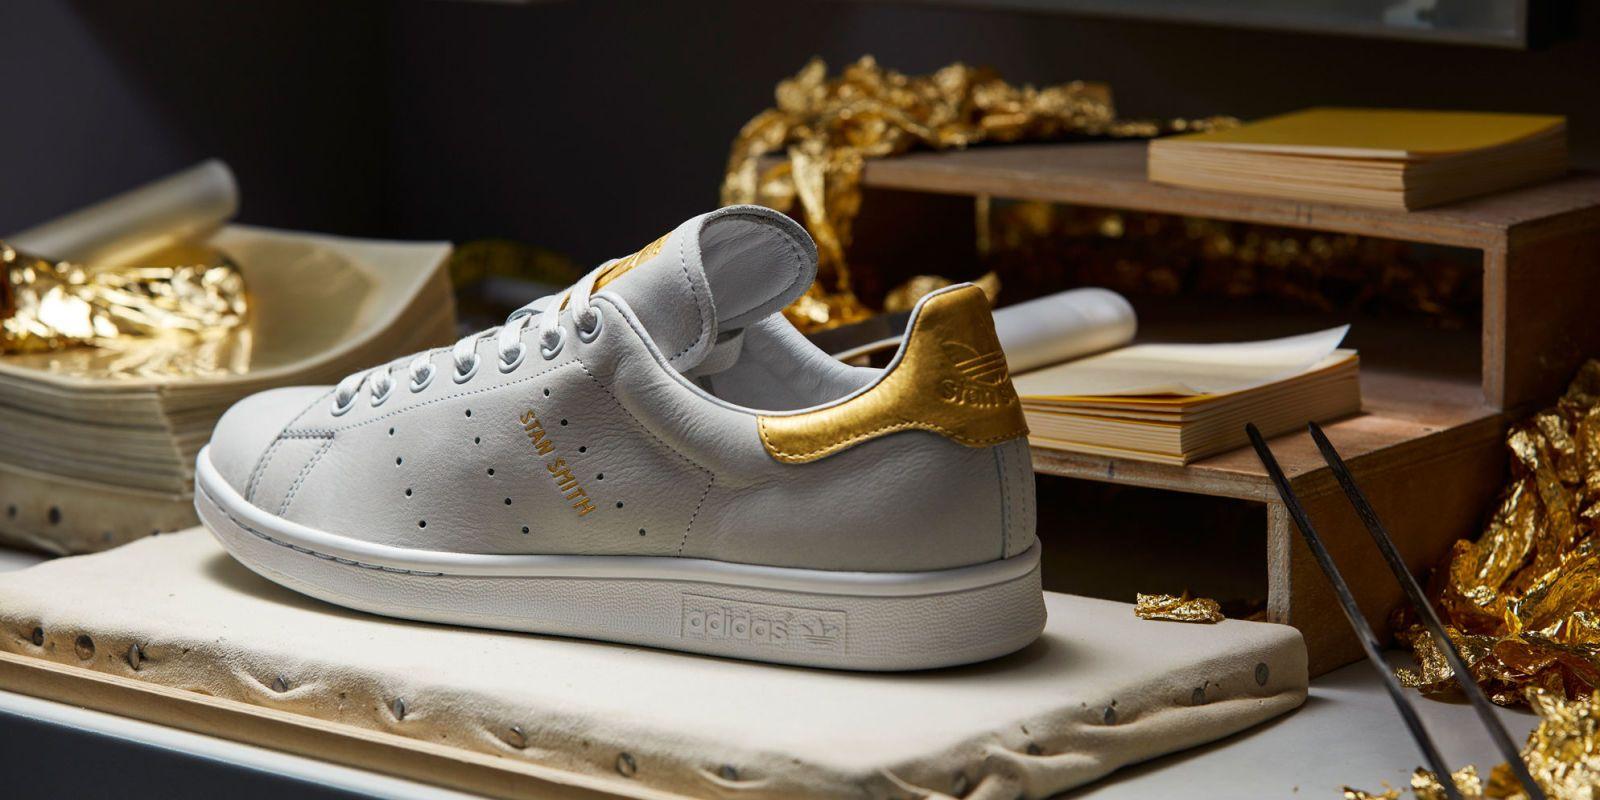 kaufen billige adidas gold turnschuhe > bis zu off64% discountdiscounts